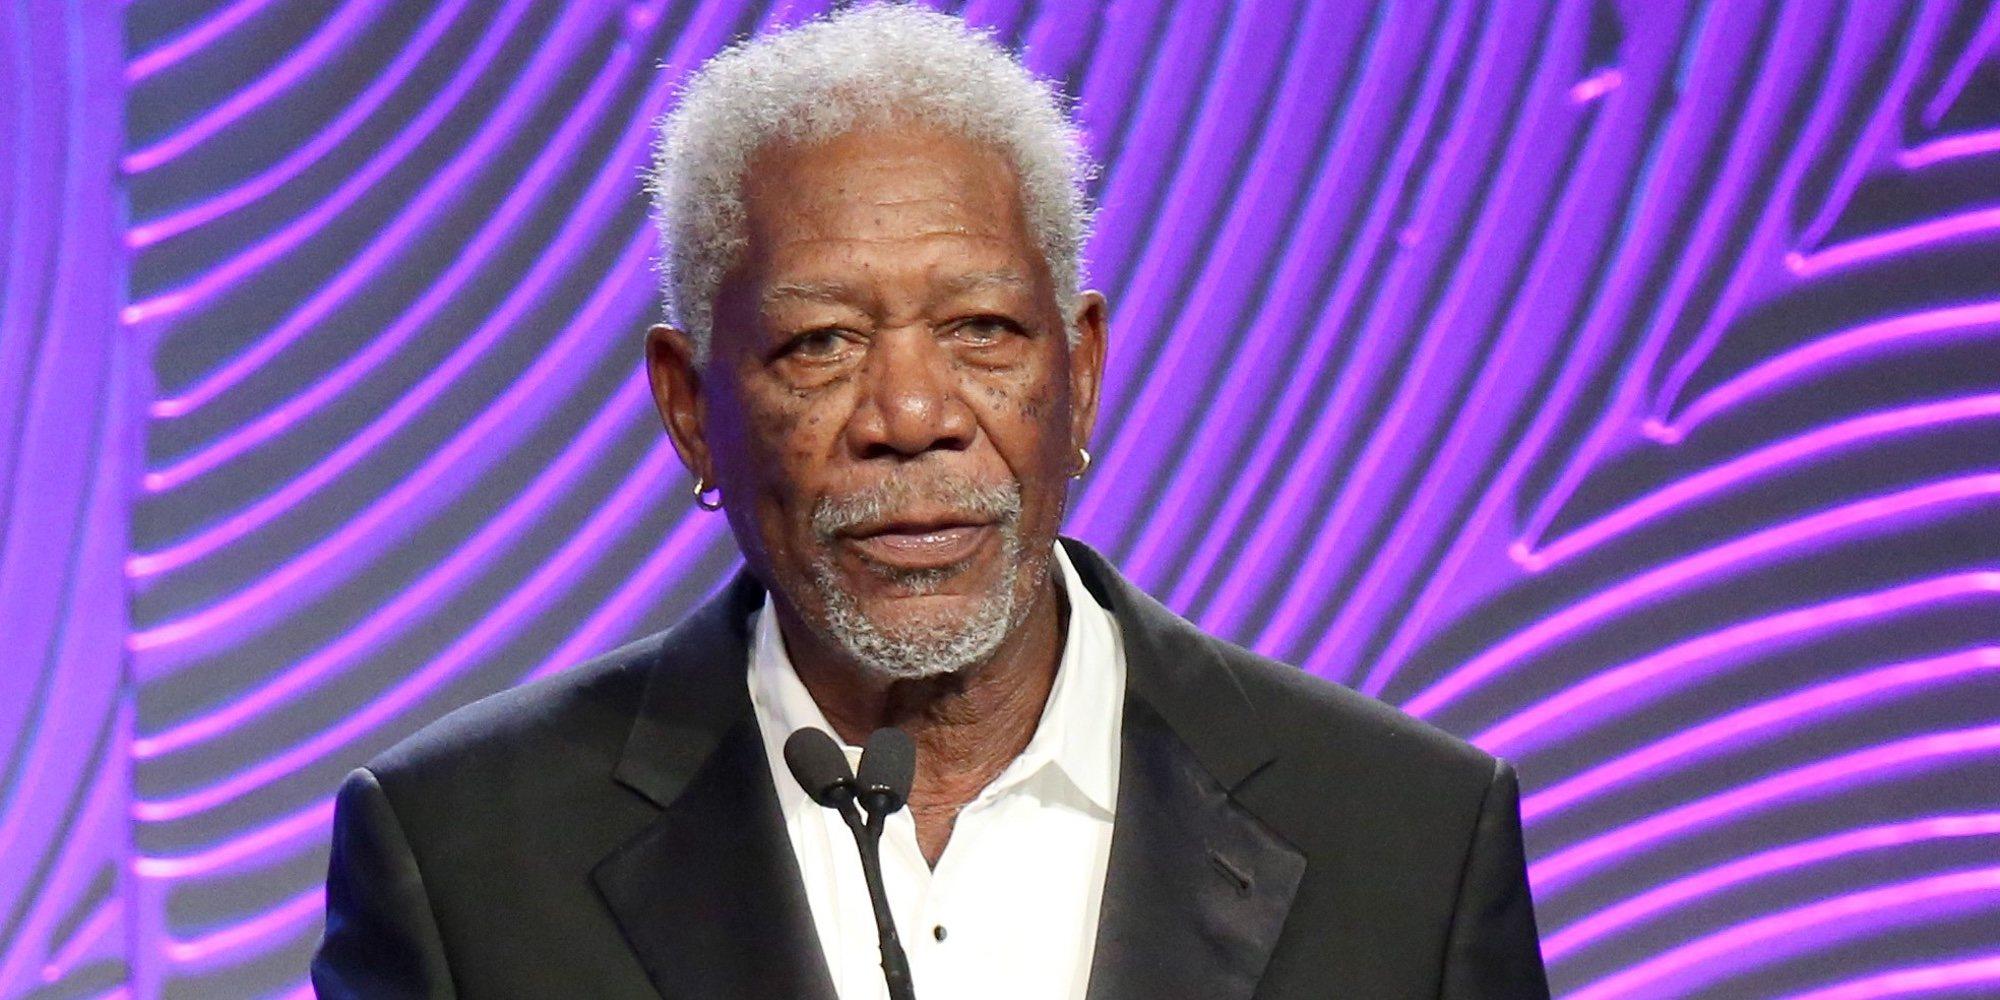 El asesino de la nieta de Morgan Freeman, condenado a 20 años de cárcel